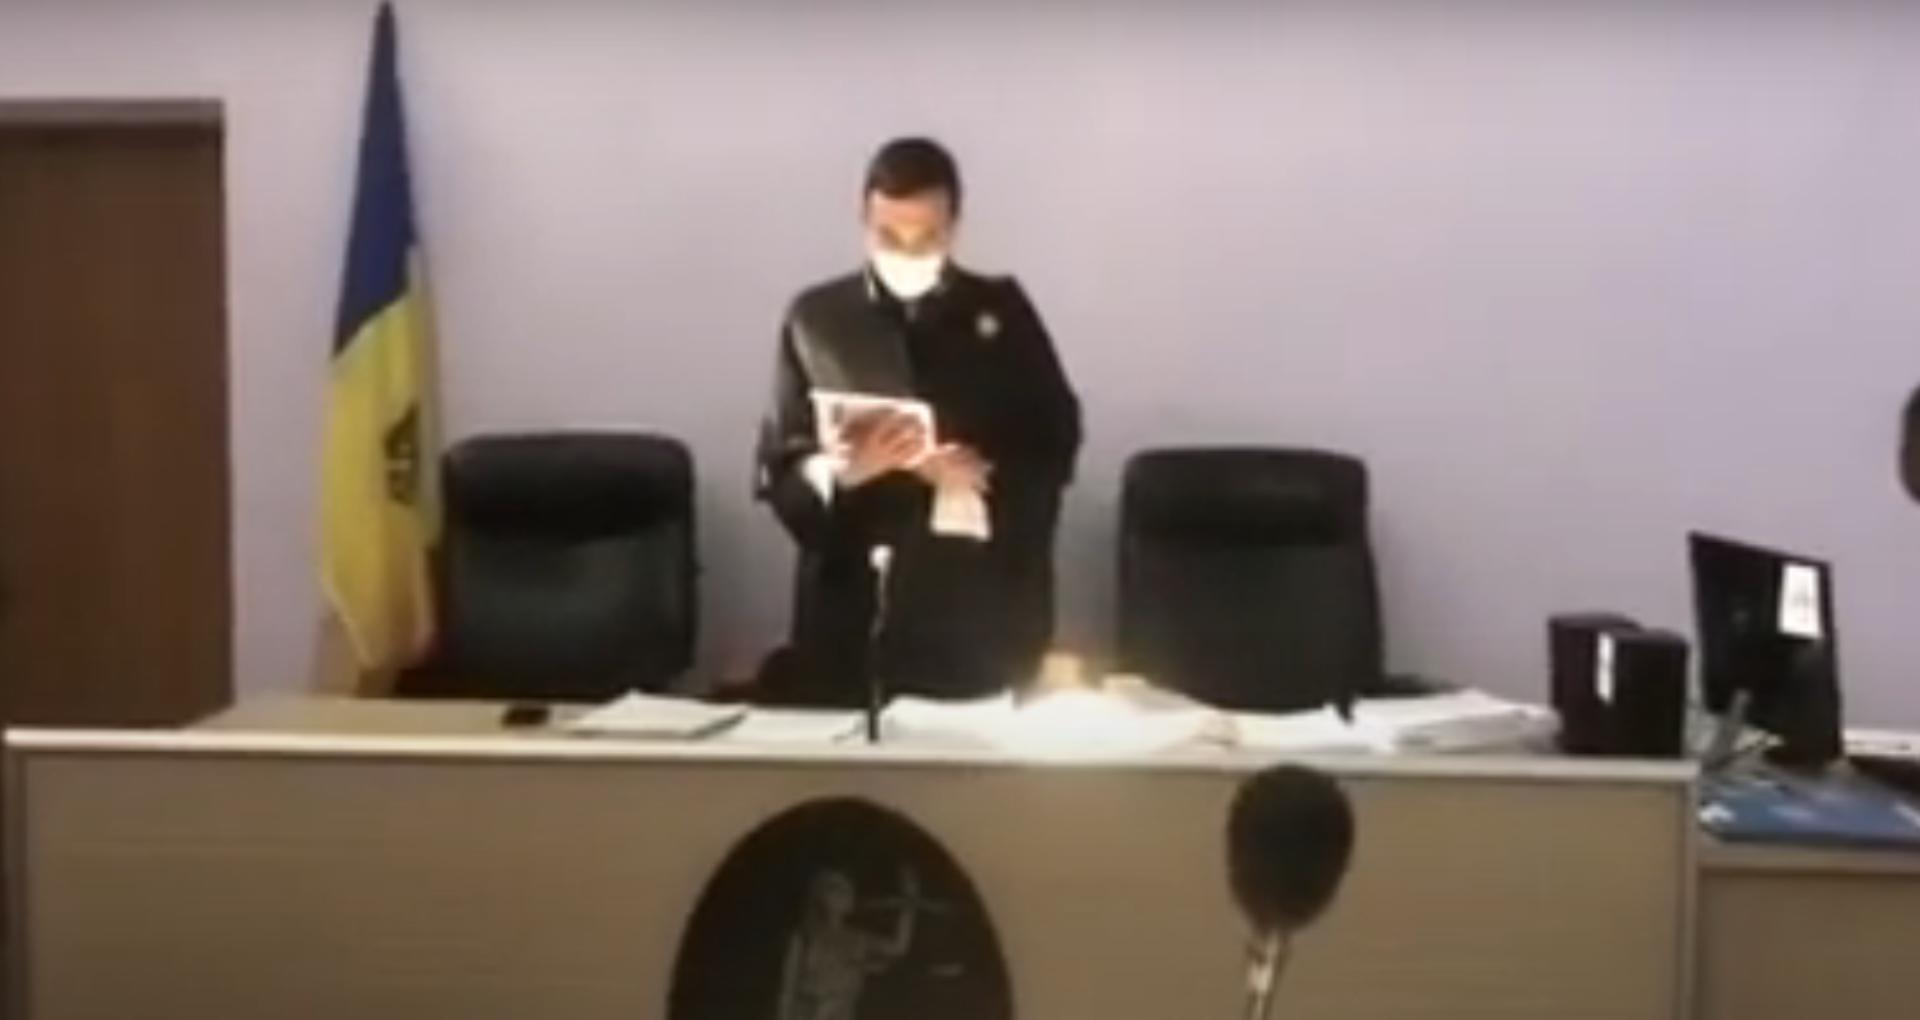 VIDEO/ ULTIMA ORĂ: Încă o persoană, condamnată la închisoare, a fost eliberată de instanță după ce Procuratura a inițiat revizuirea cauzei